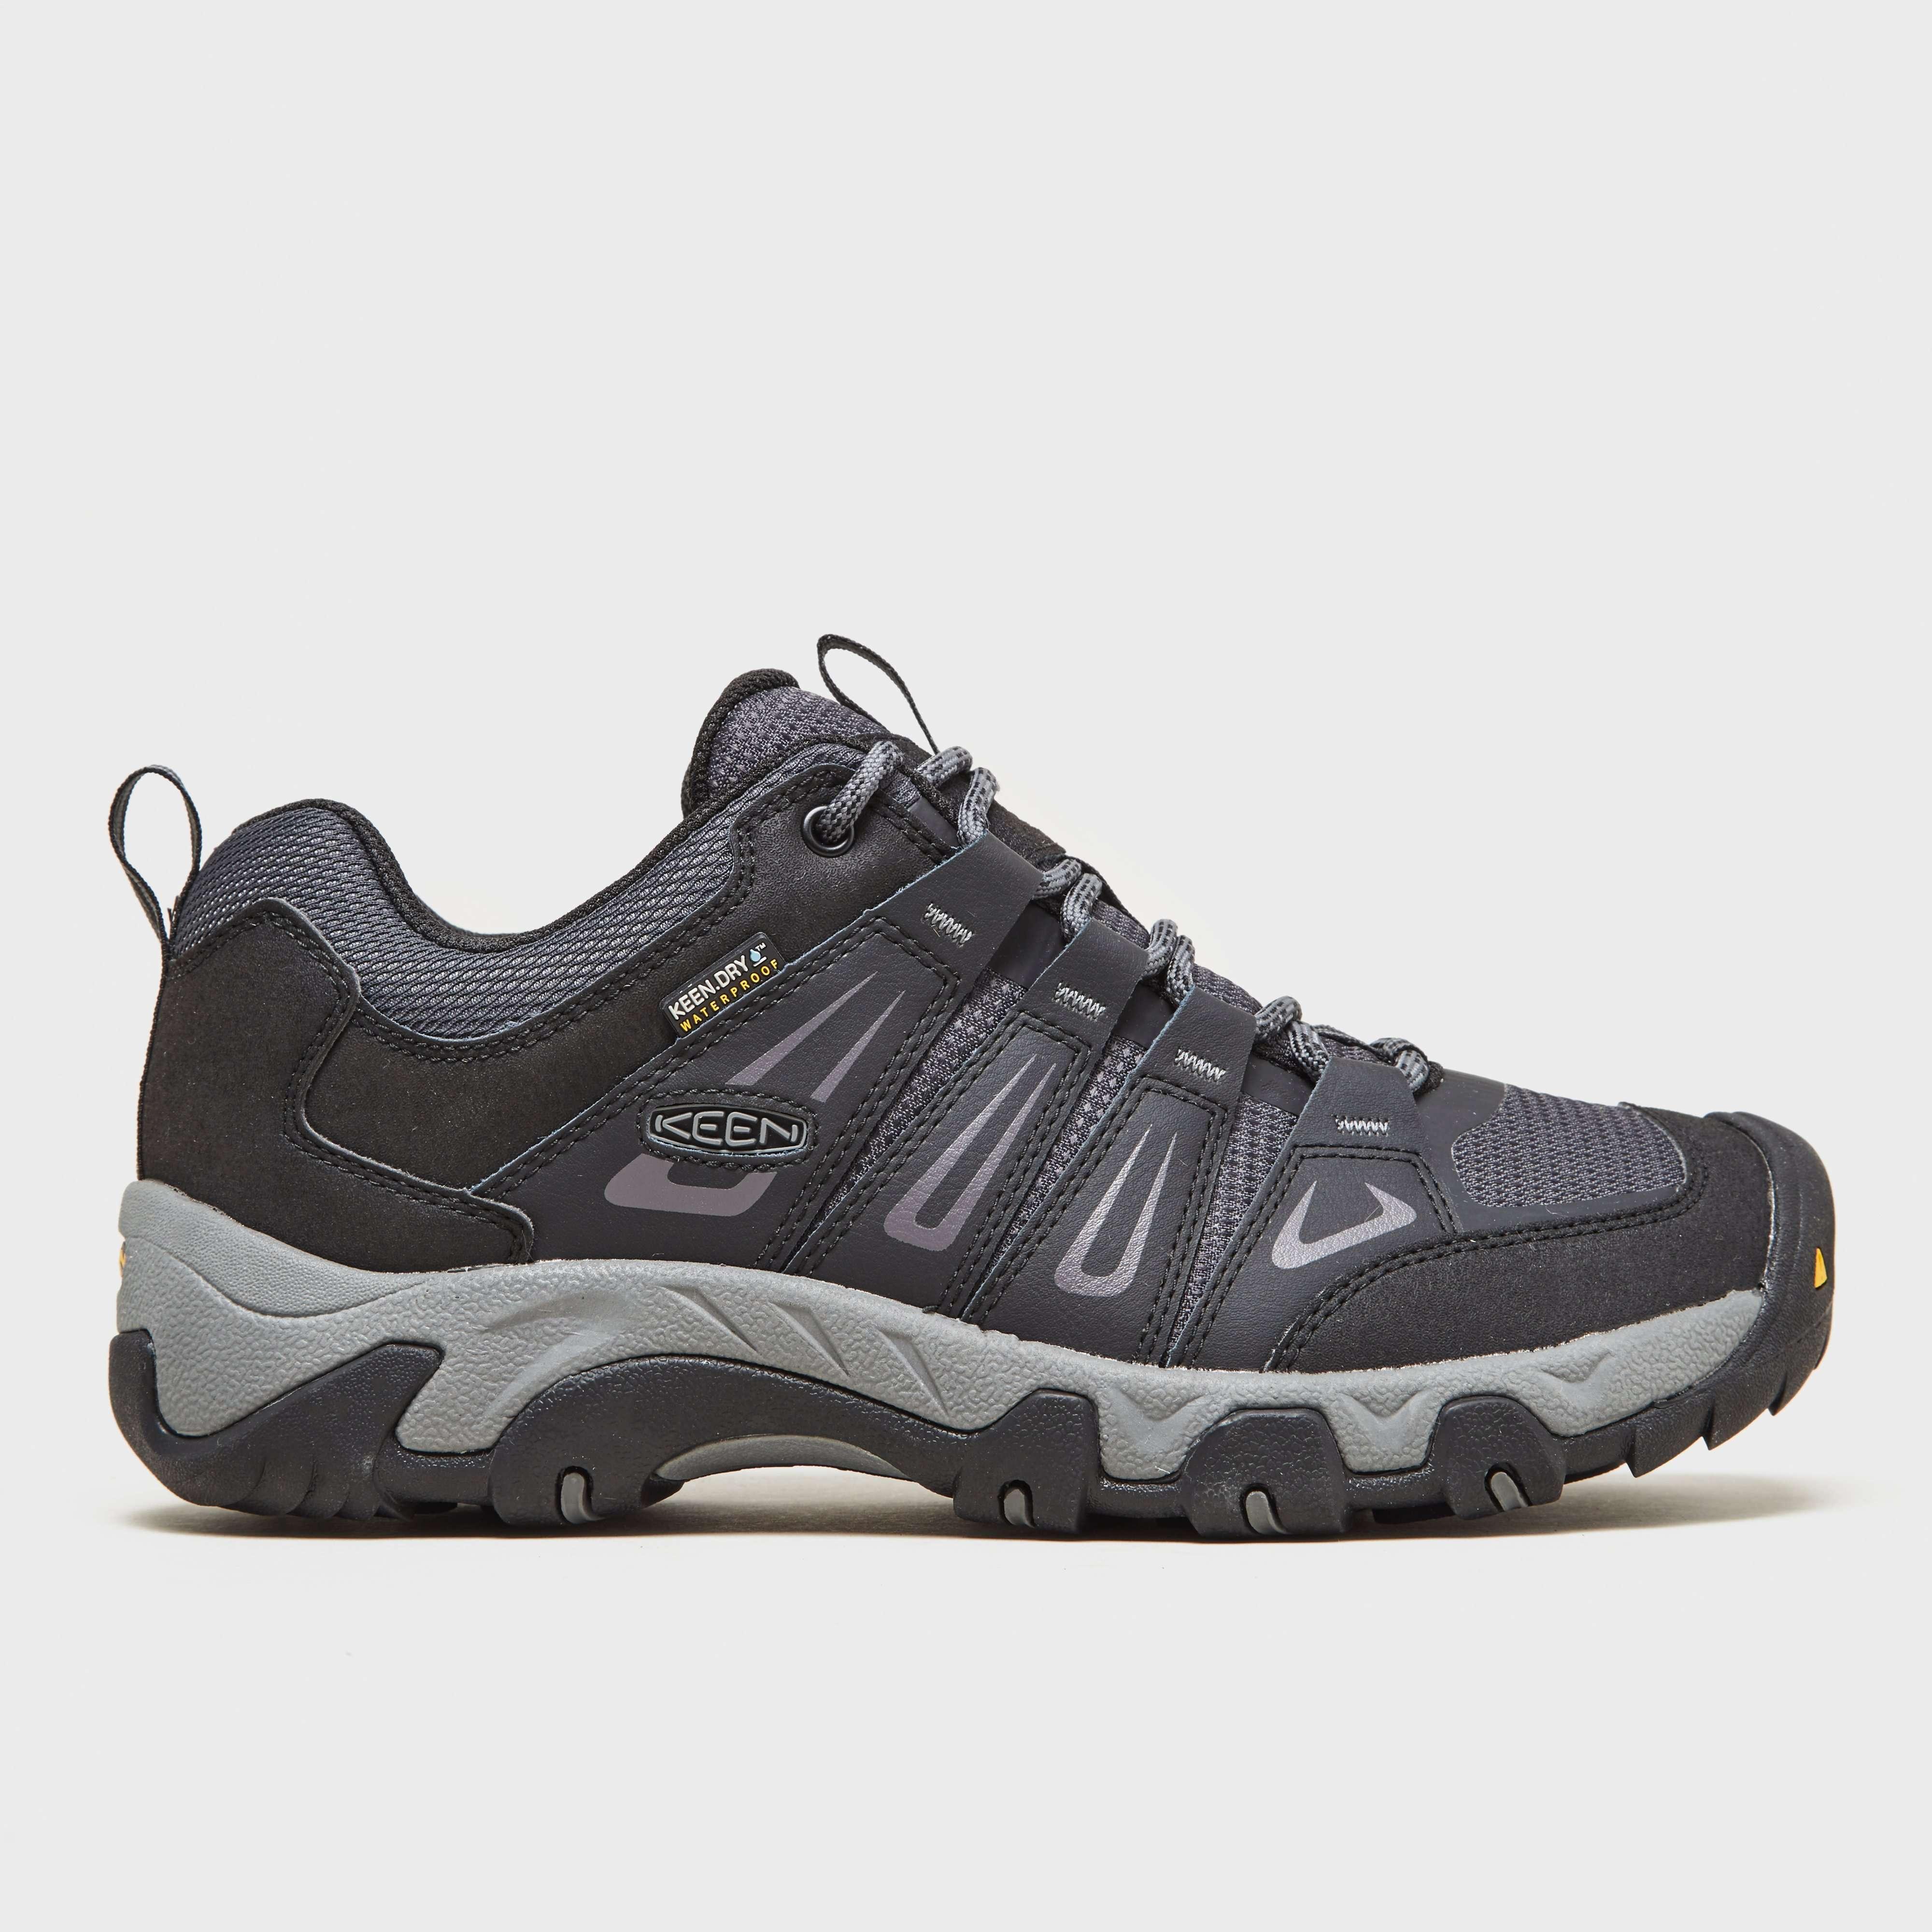 KEEN Men's Oakridge Waterproof Trail Shoe